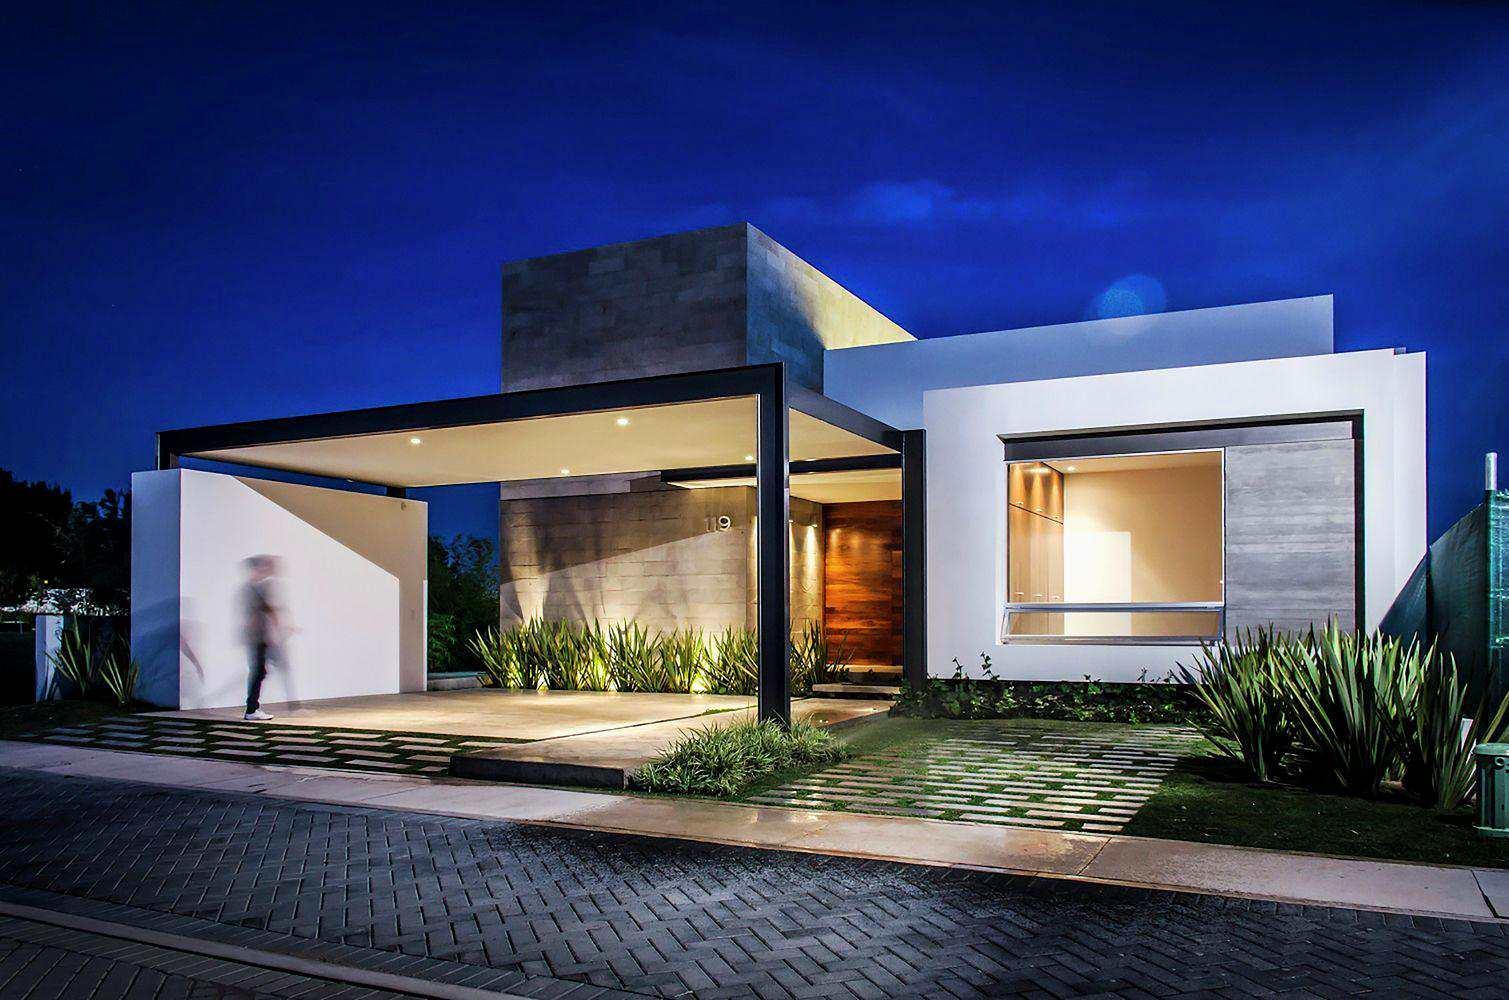 Casa com 2 dorms, Vila Sônia, Praia Grande - R$ 99.9 mi, Cod: 6